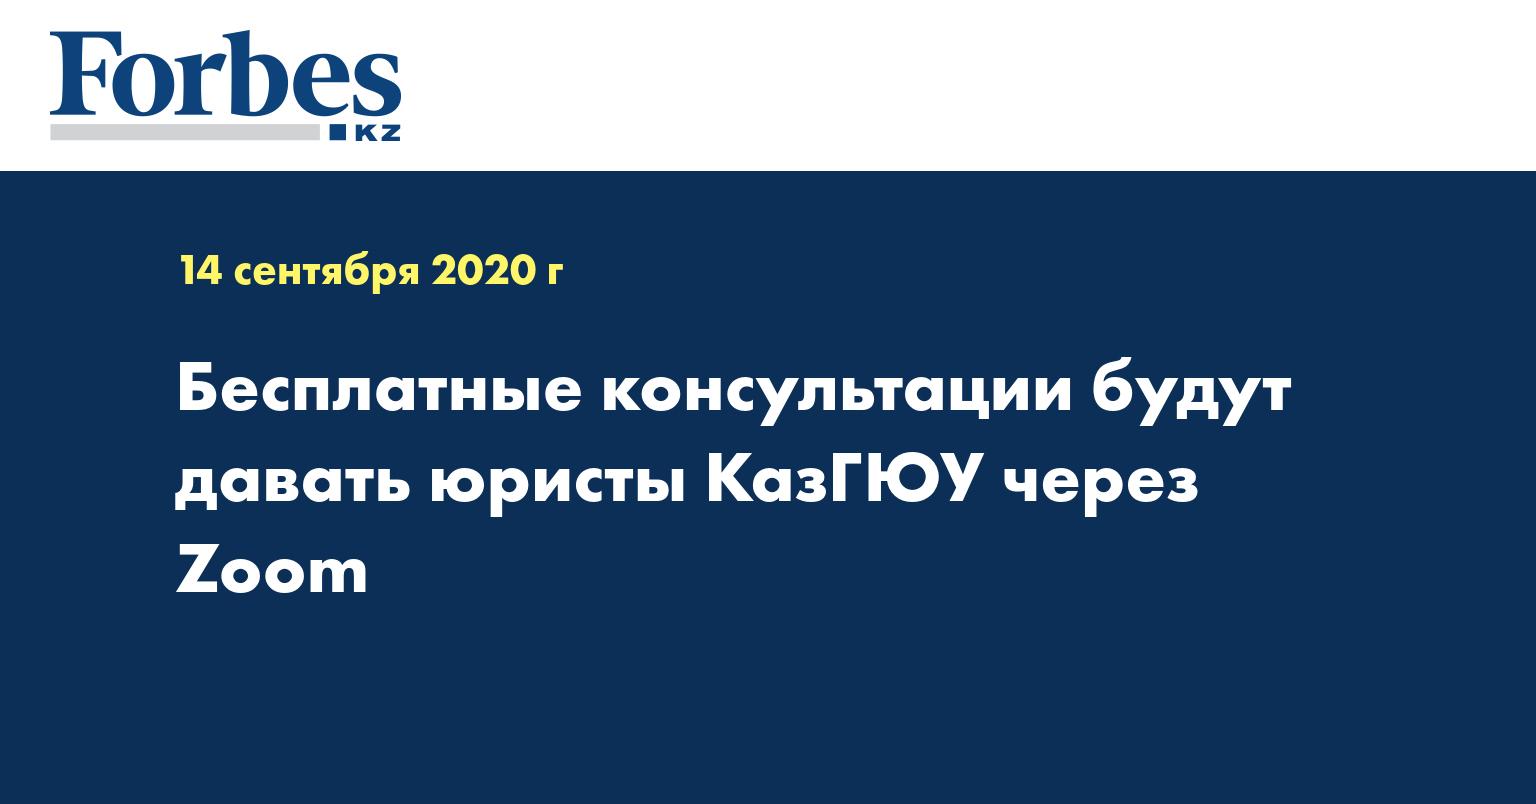 Бесплатные консультации будут давать юристы  КАЗГЮУ через ZOOM